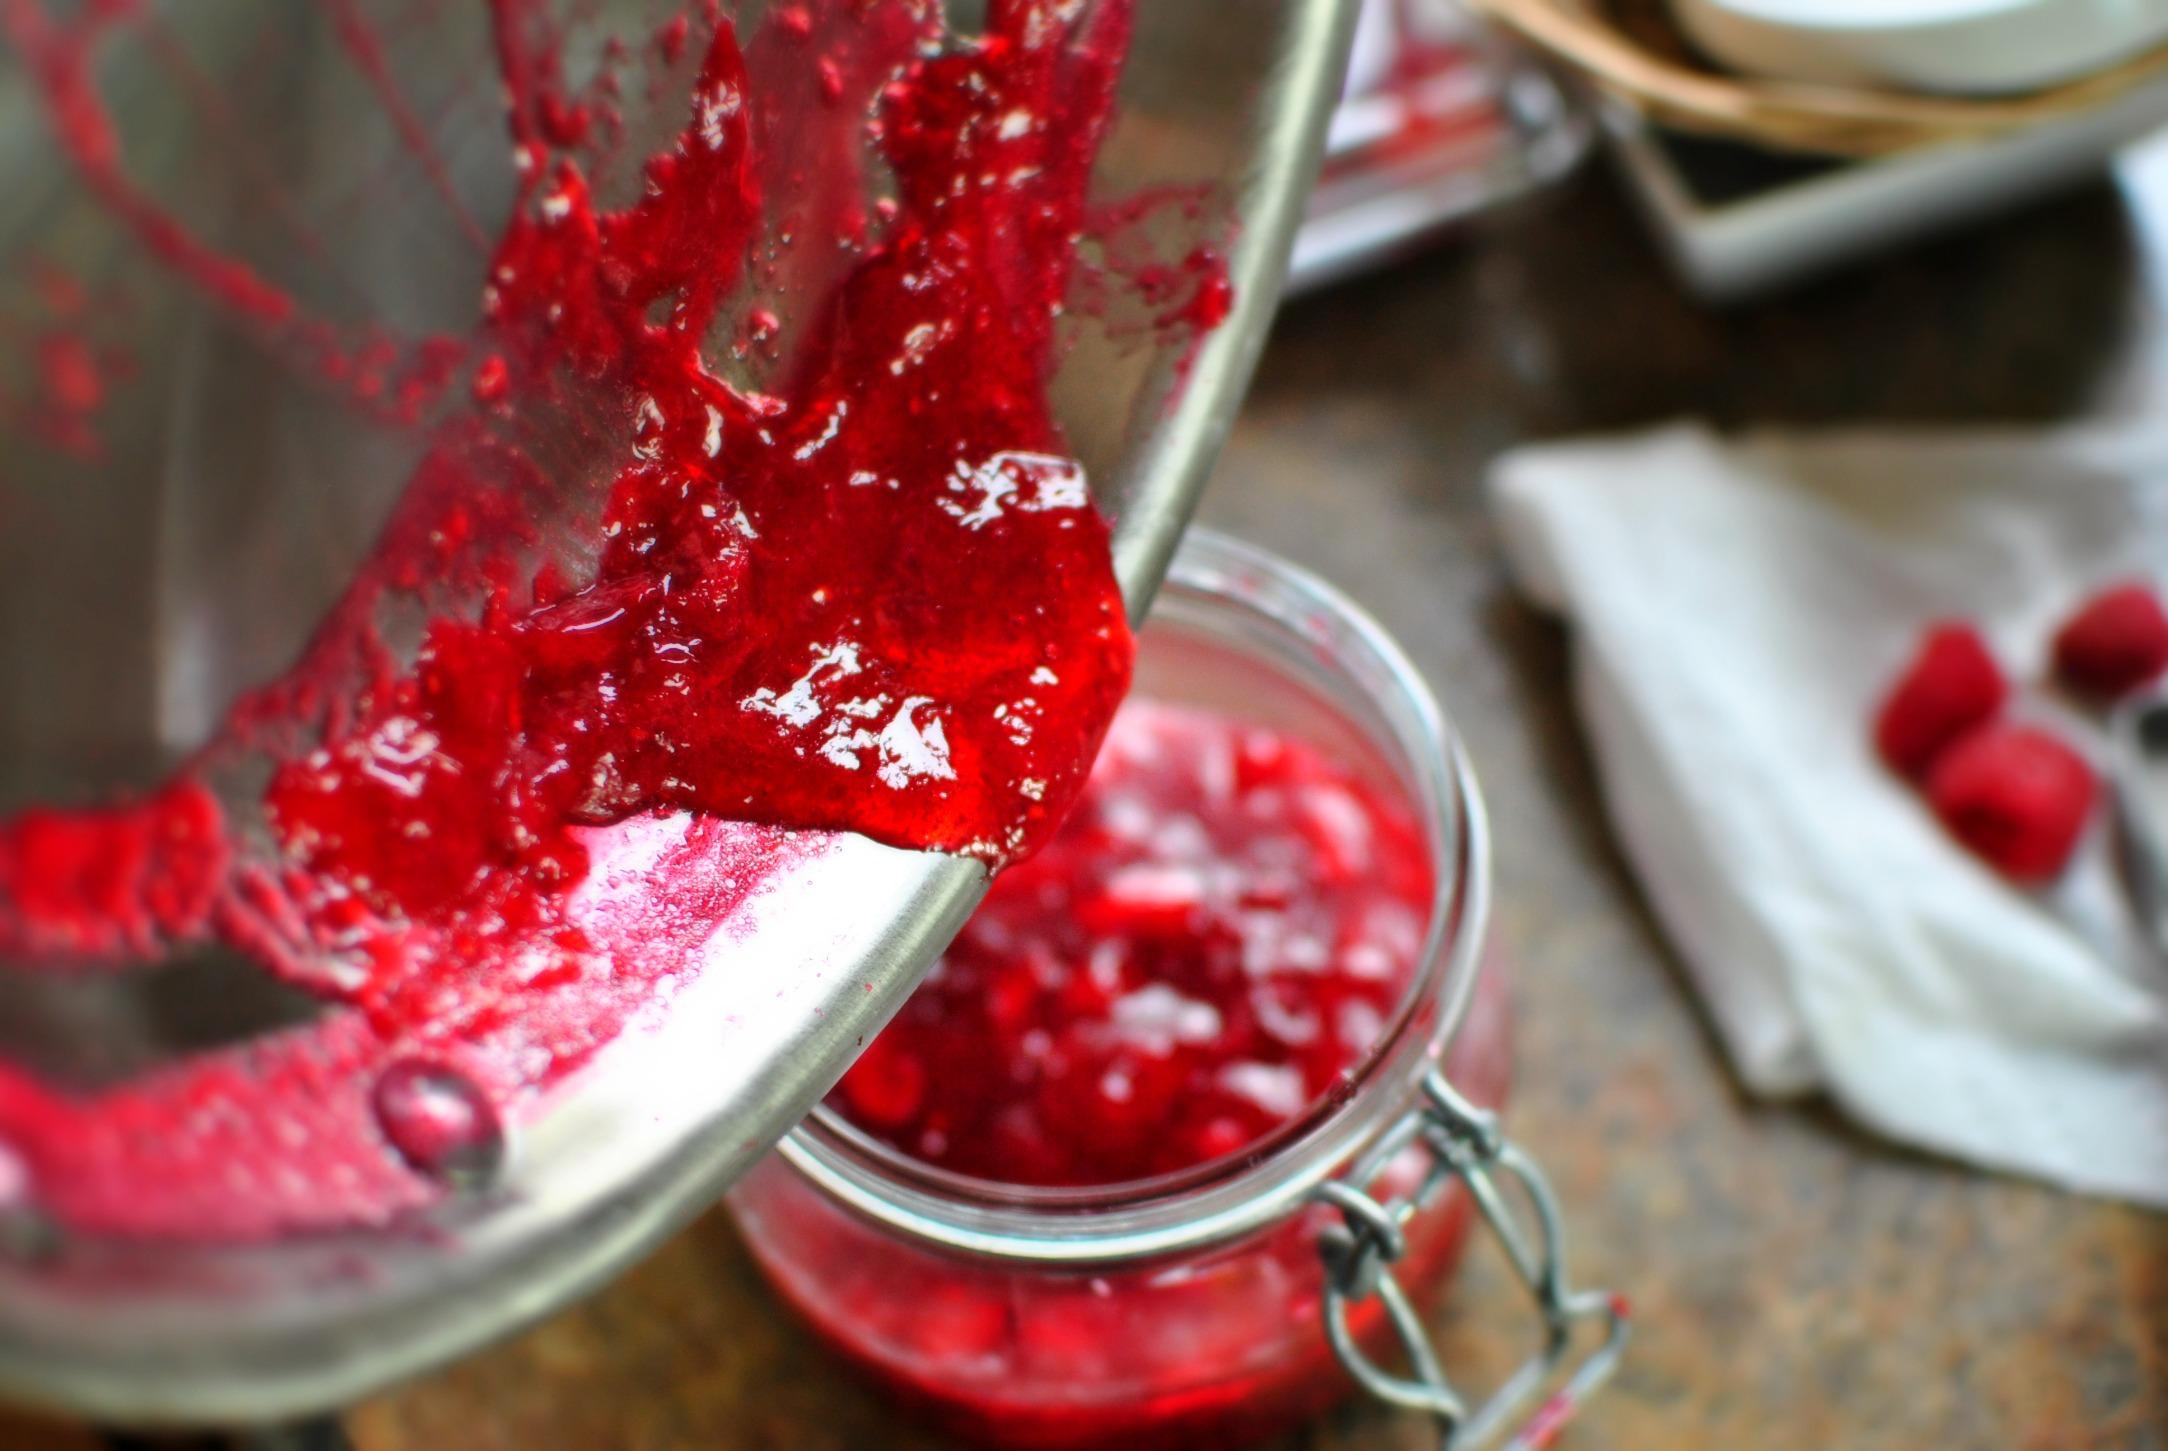 Варенье из малины пятиминутка в мультиварке — густое без варки, как желе — простой рецепт 5 минутка с фото малинового варенья